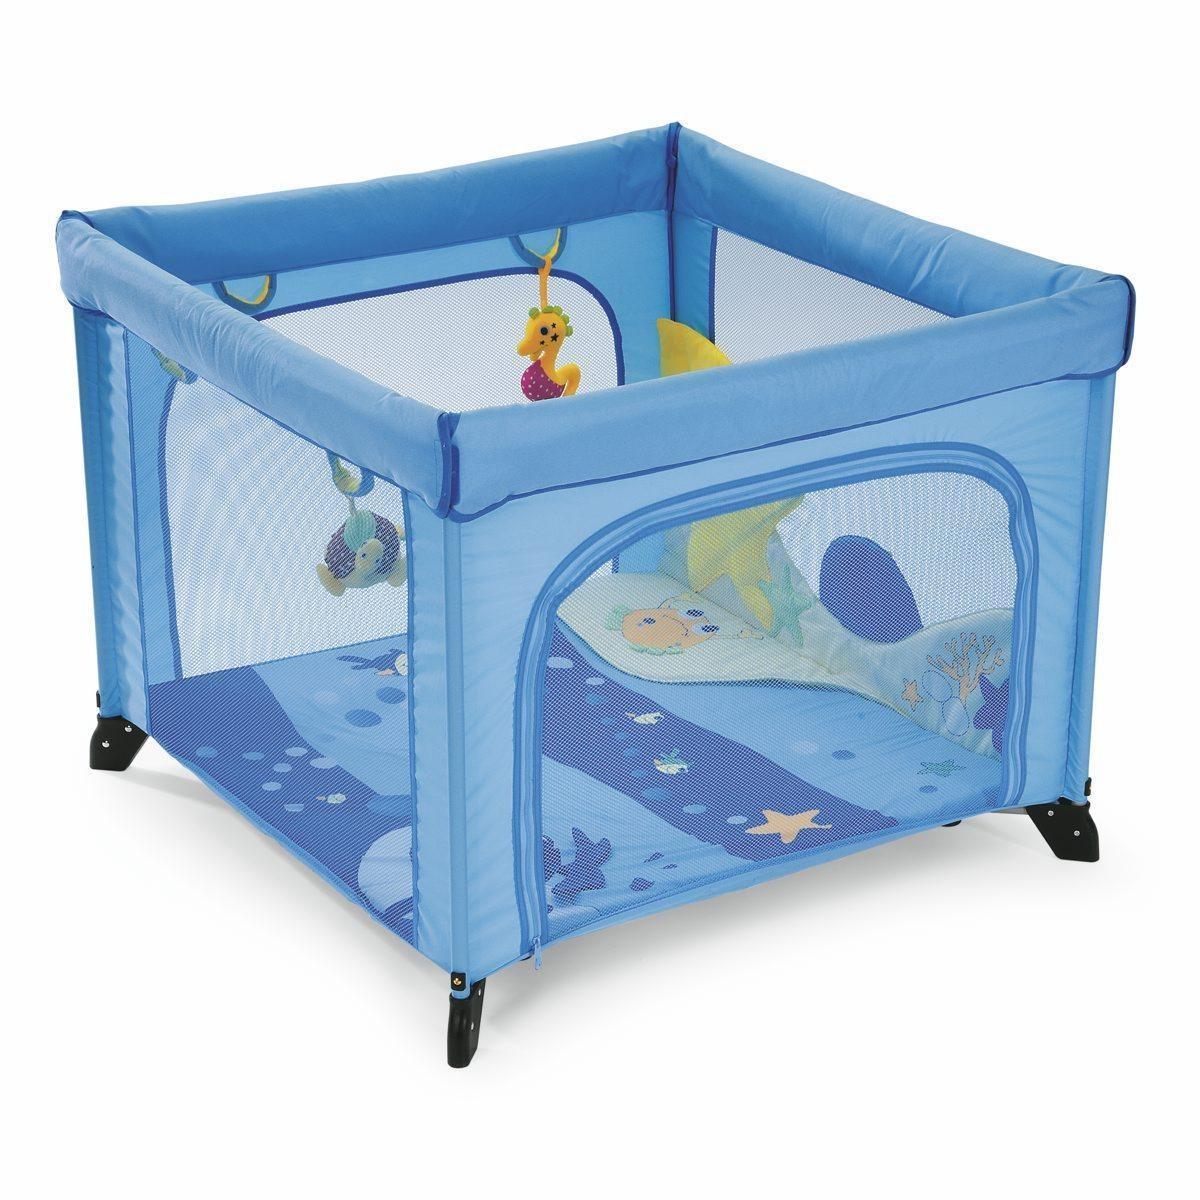 Kojec dla dzieci i niemowląt Open Sea Dreams Chicco